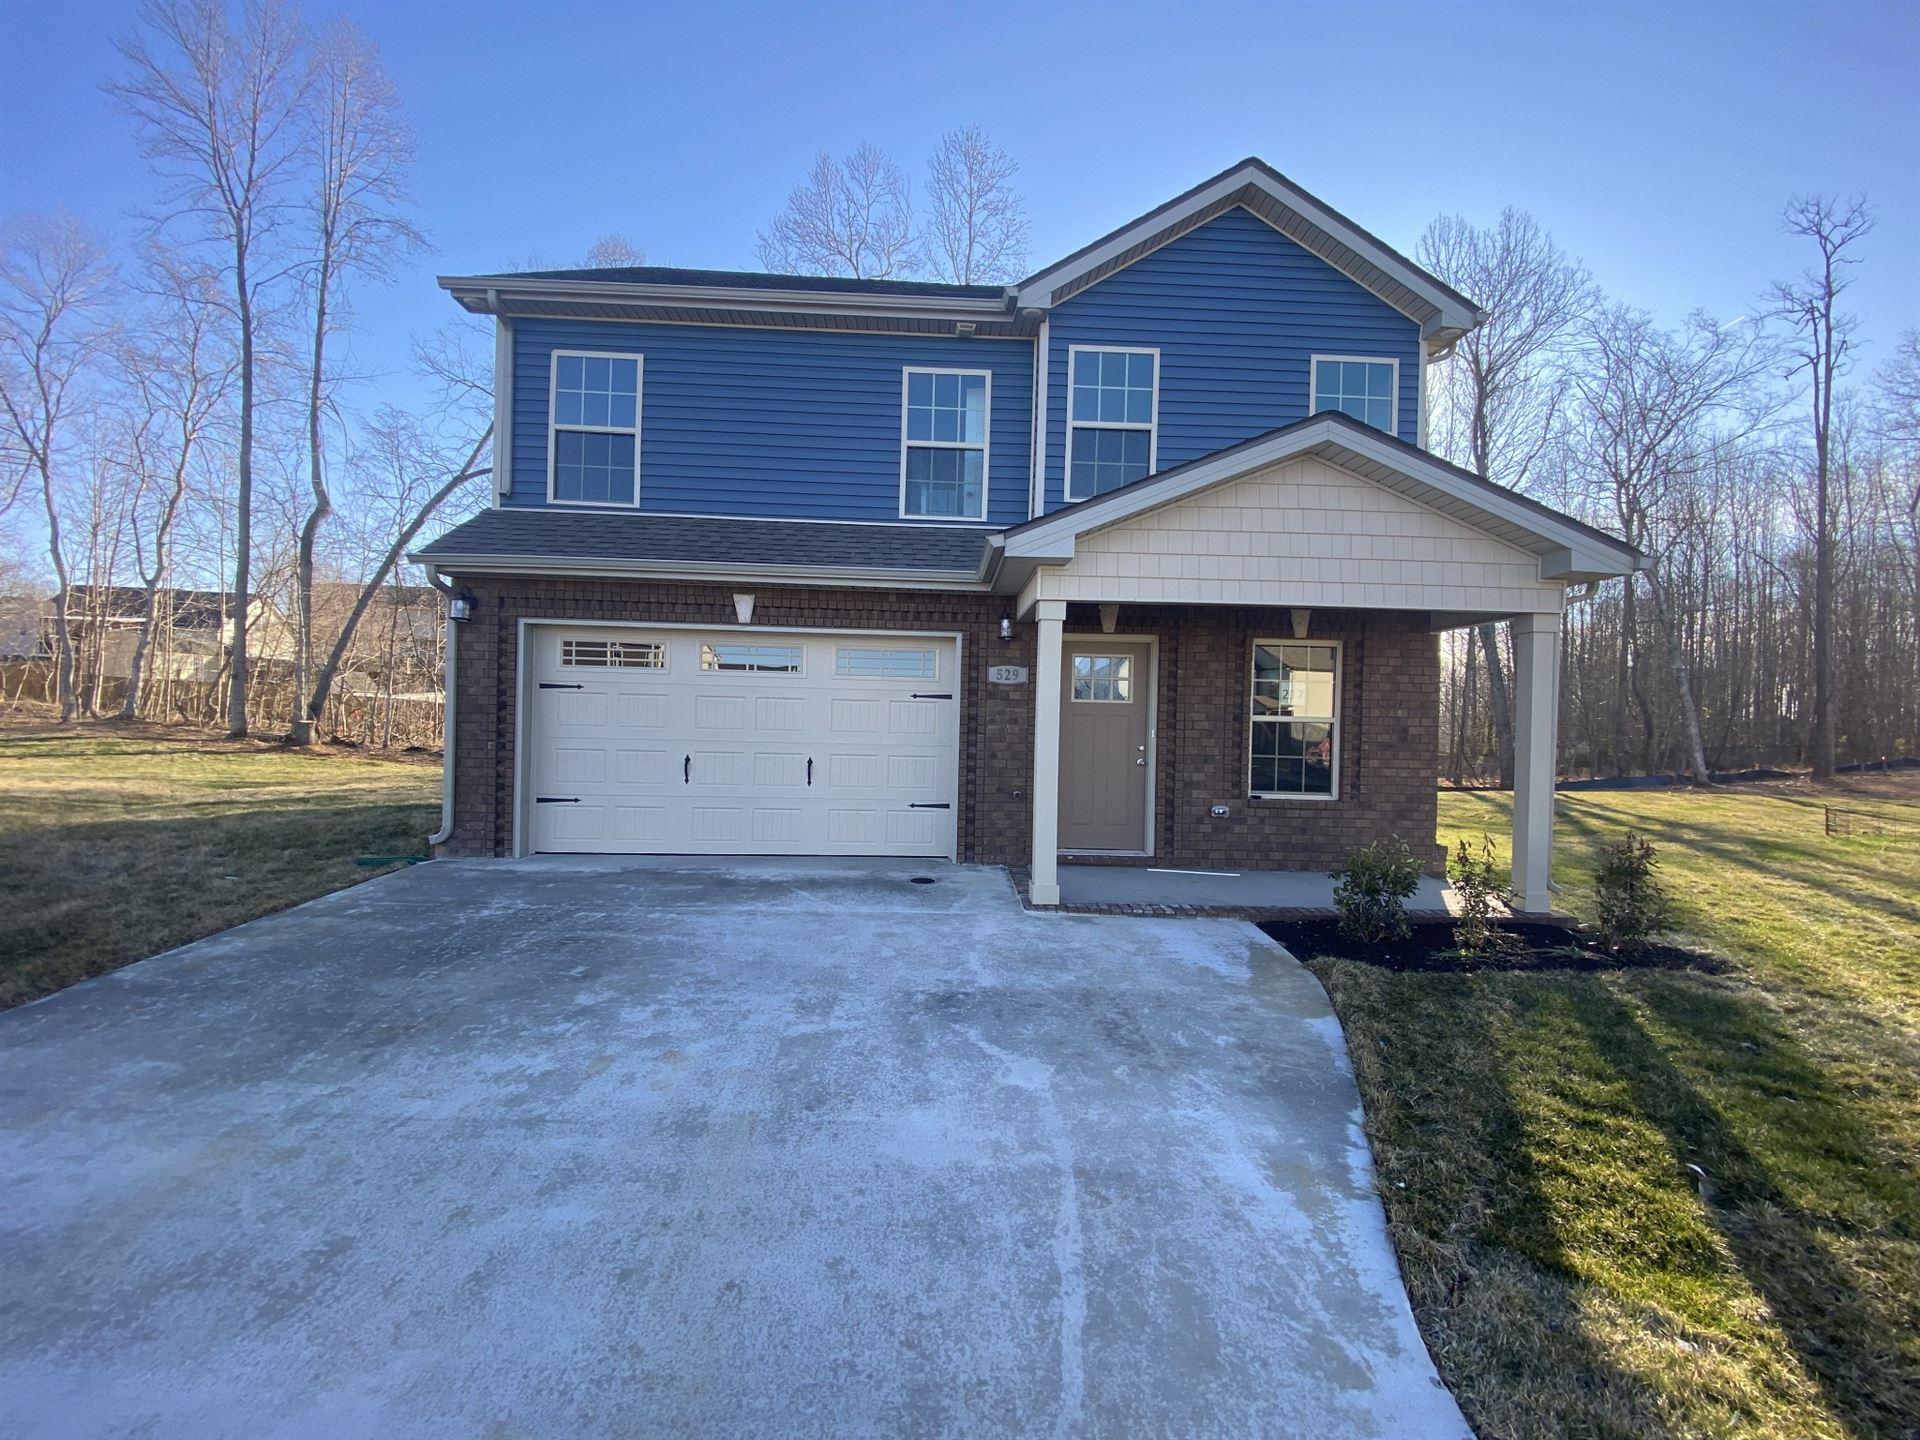 217 Cedar Springs 3, Clarksville, TN 37042 - MLS#: 2284951